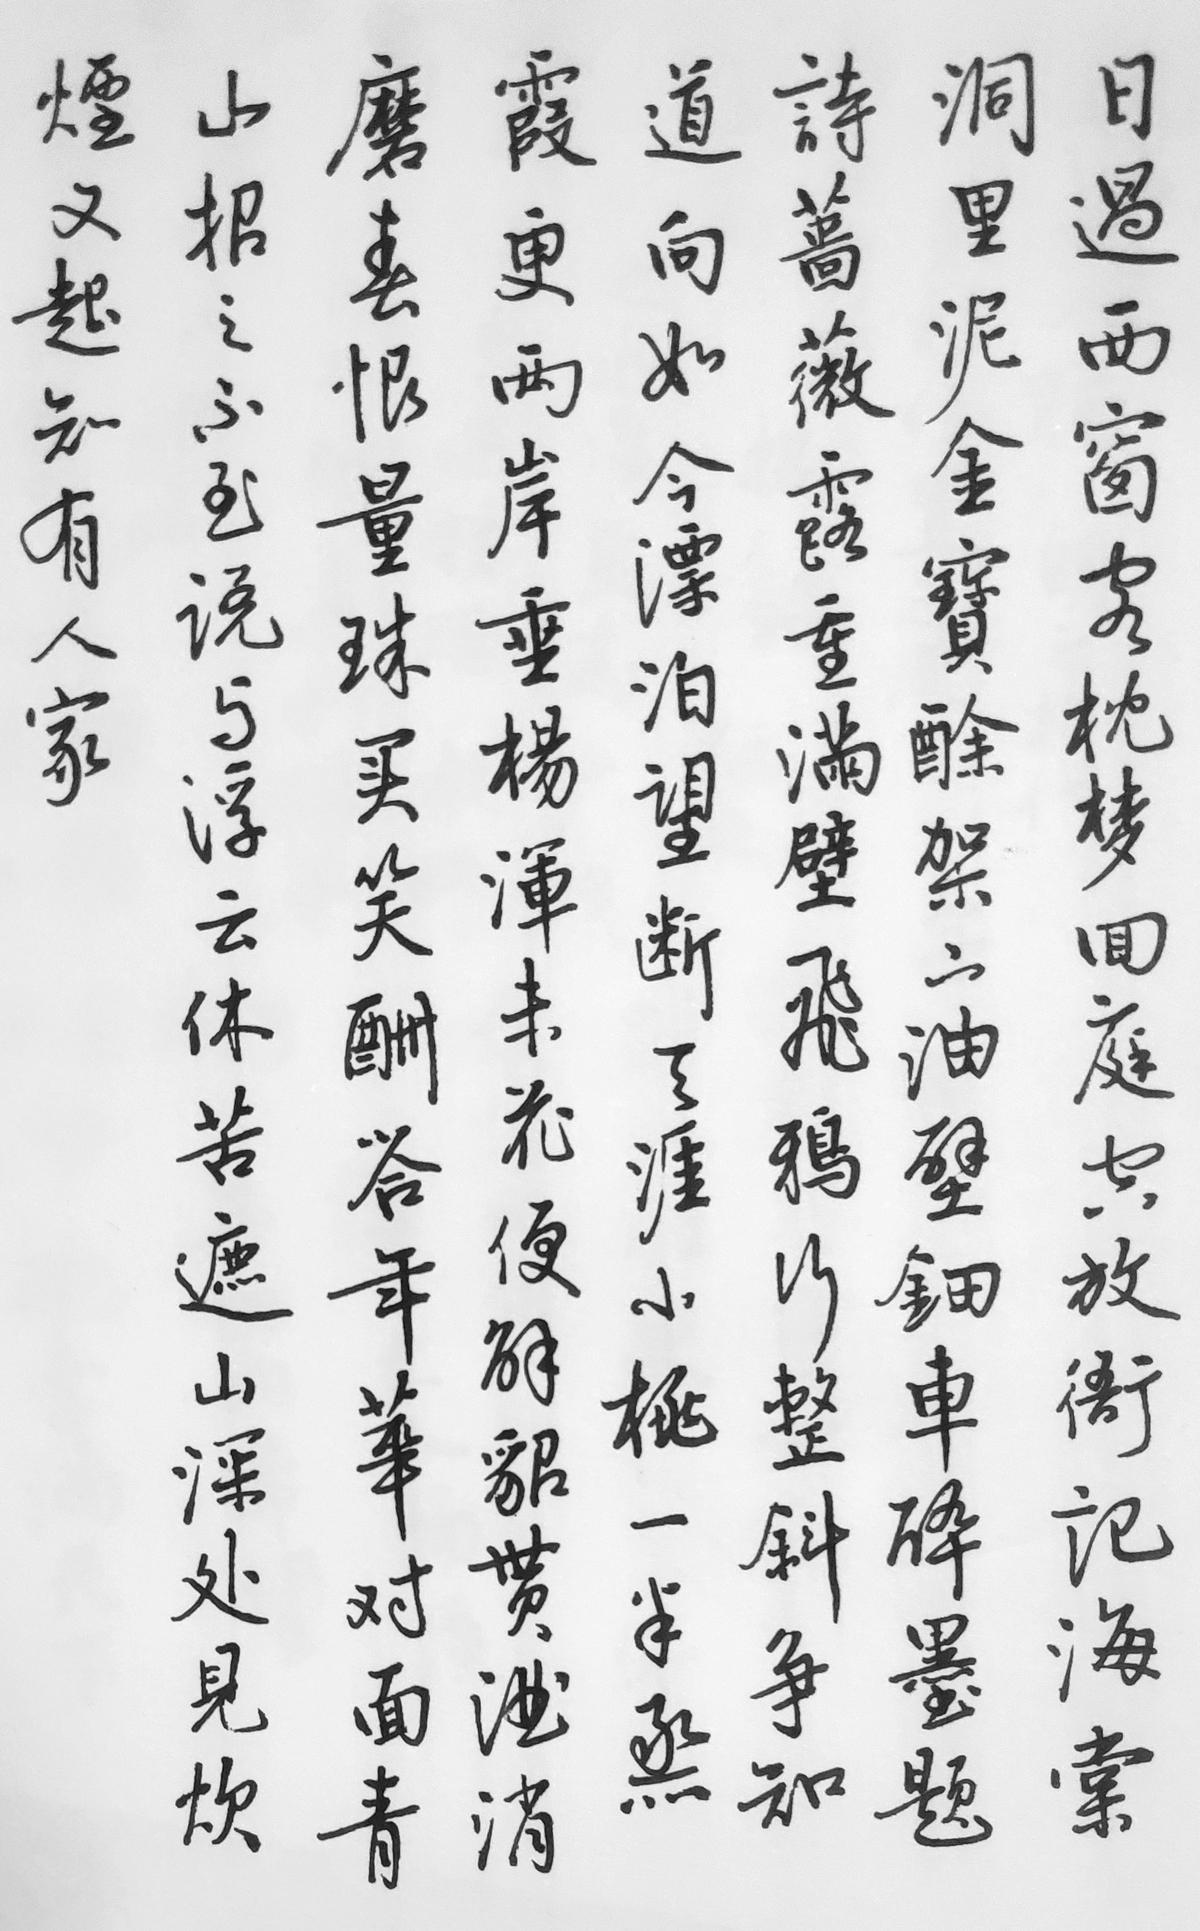 蔡师点评:黄机《沁园春》钢笔字练字打卡作业欣赏03